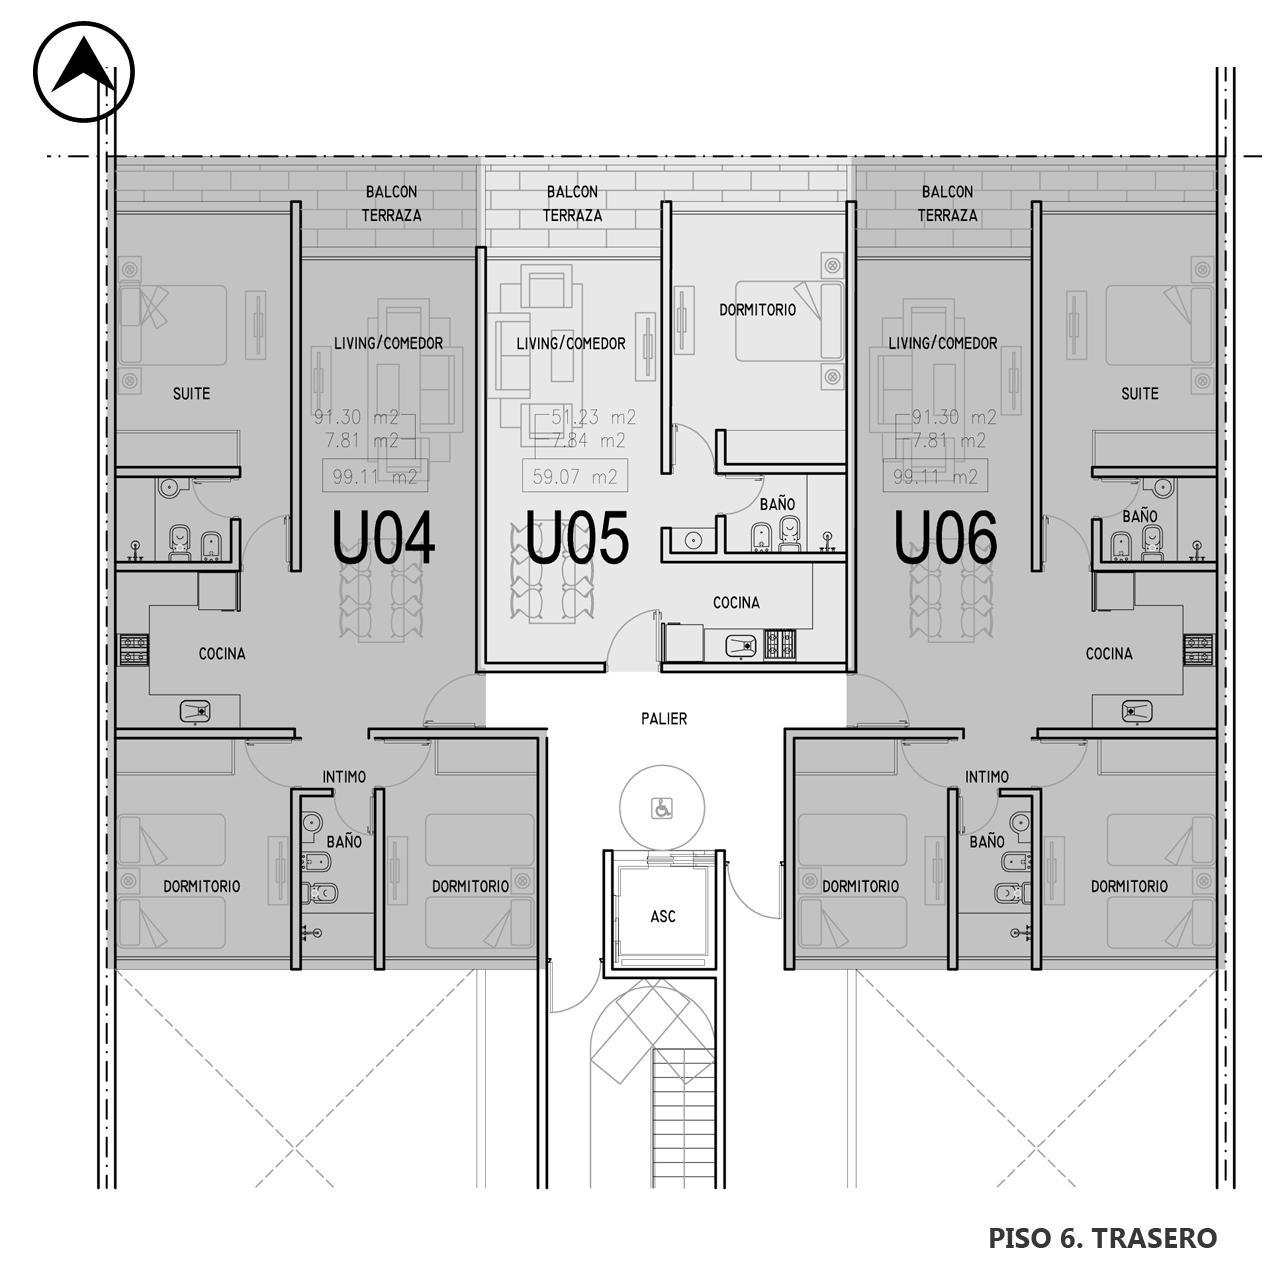 Venta departamento 3 dormitorios Rosario, Centro. Cod CBU12750 OF1224150. Crestale Propiedades